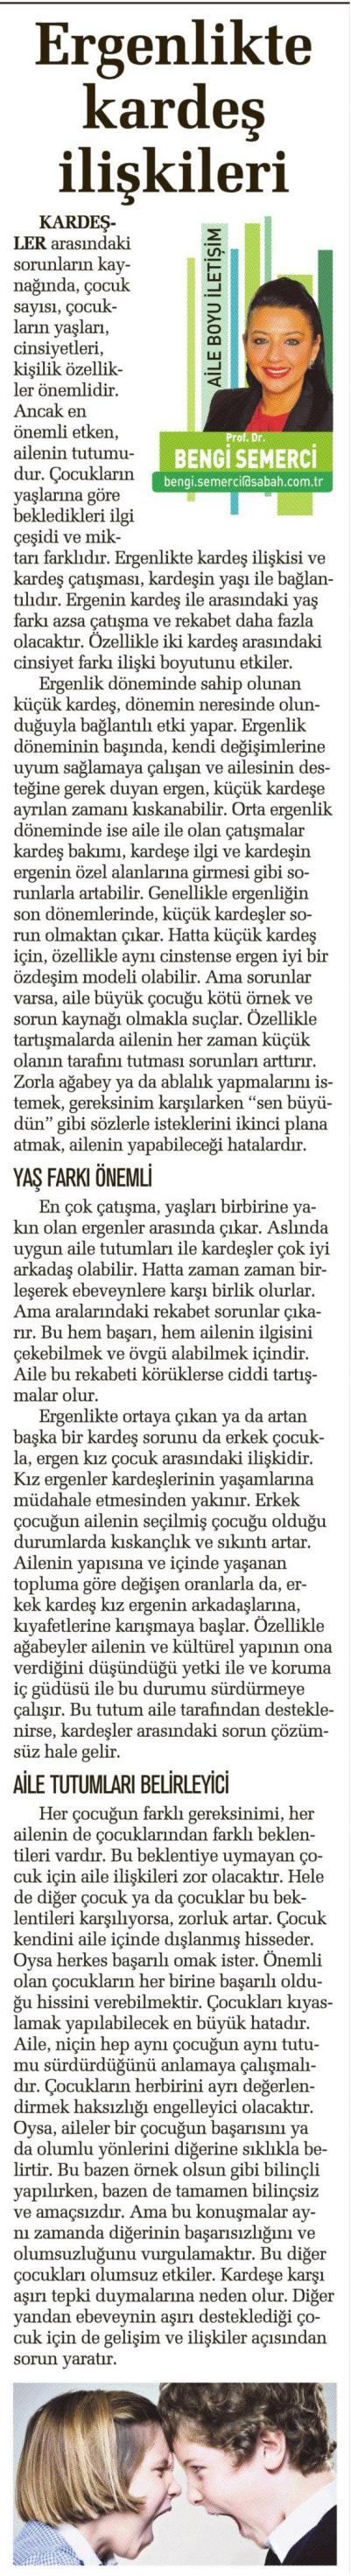 Ergenlikte kardeş ilişkileri - SABAH CUMARTESİ 27.9.2014